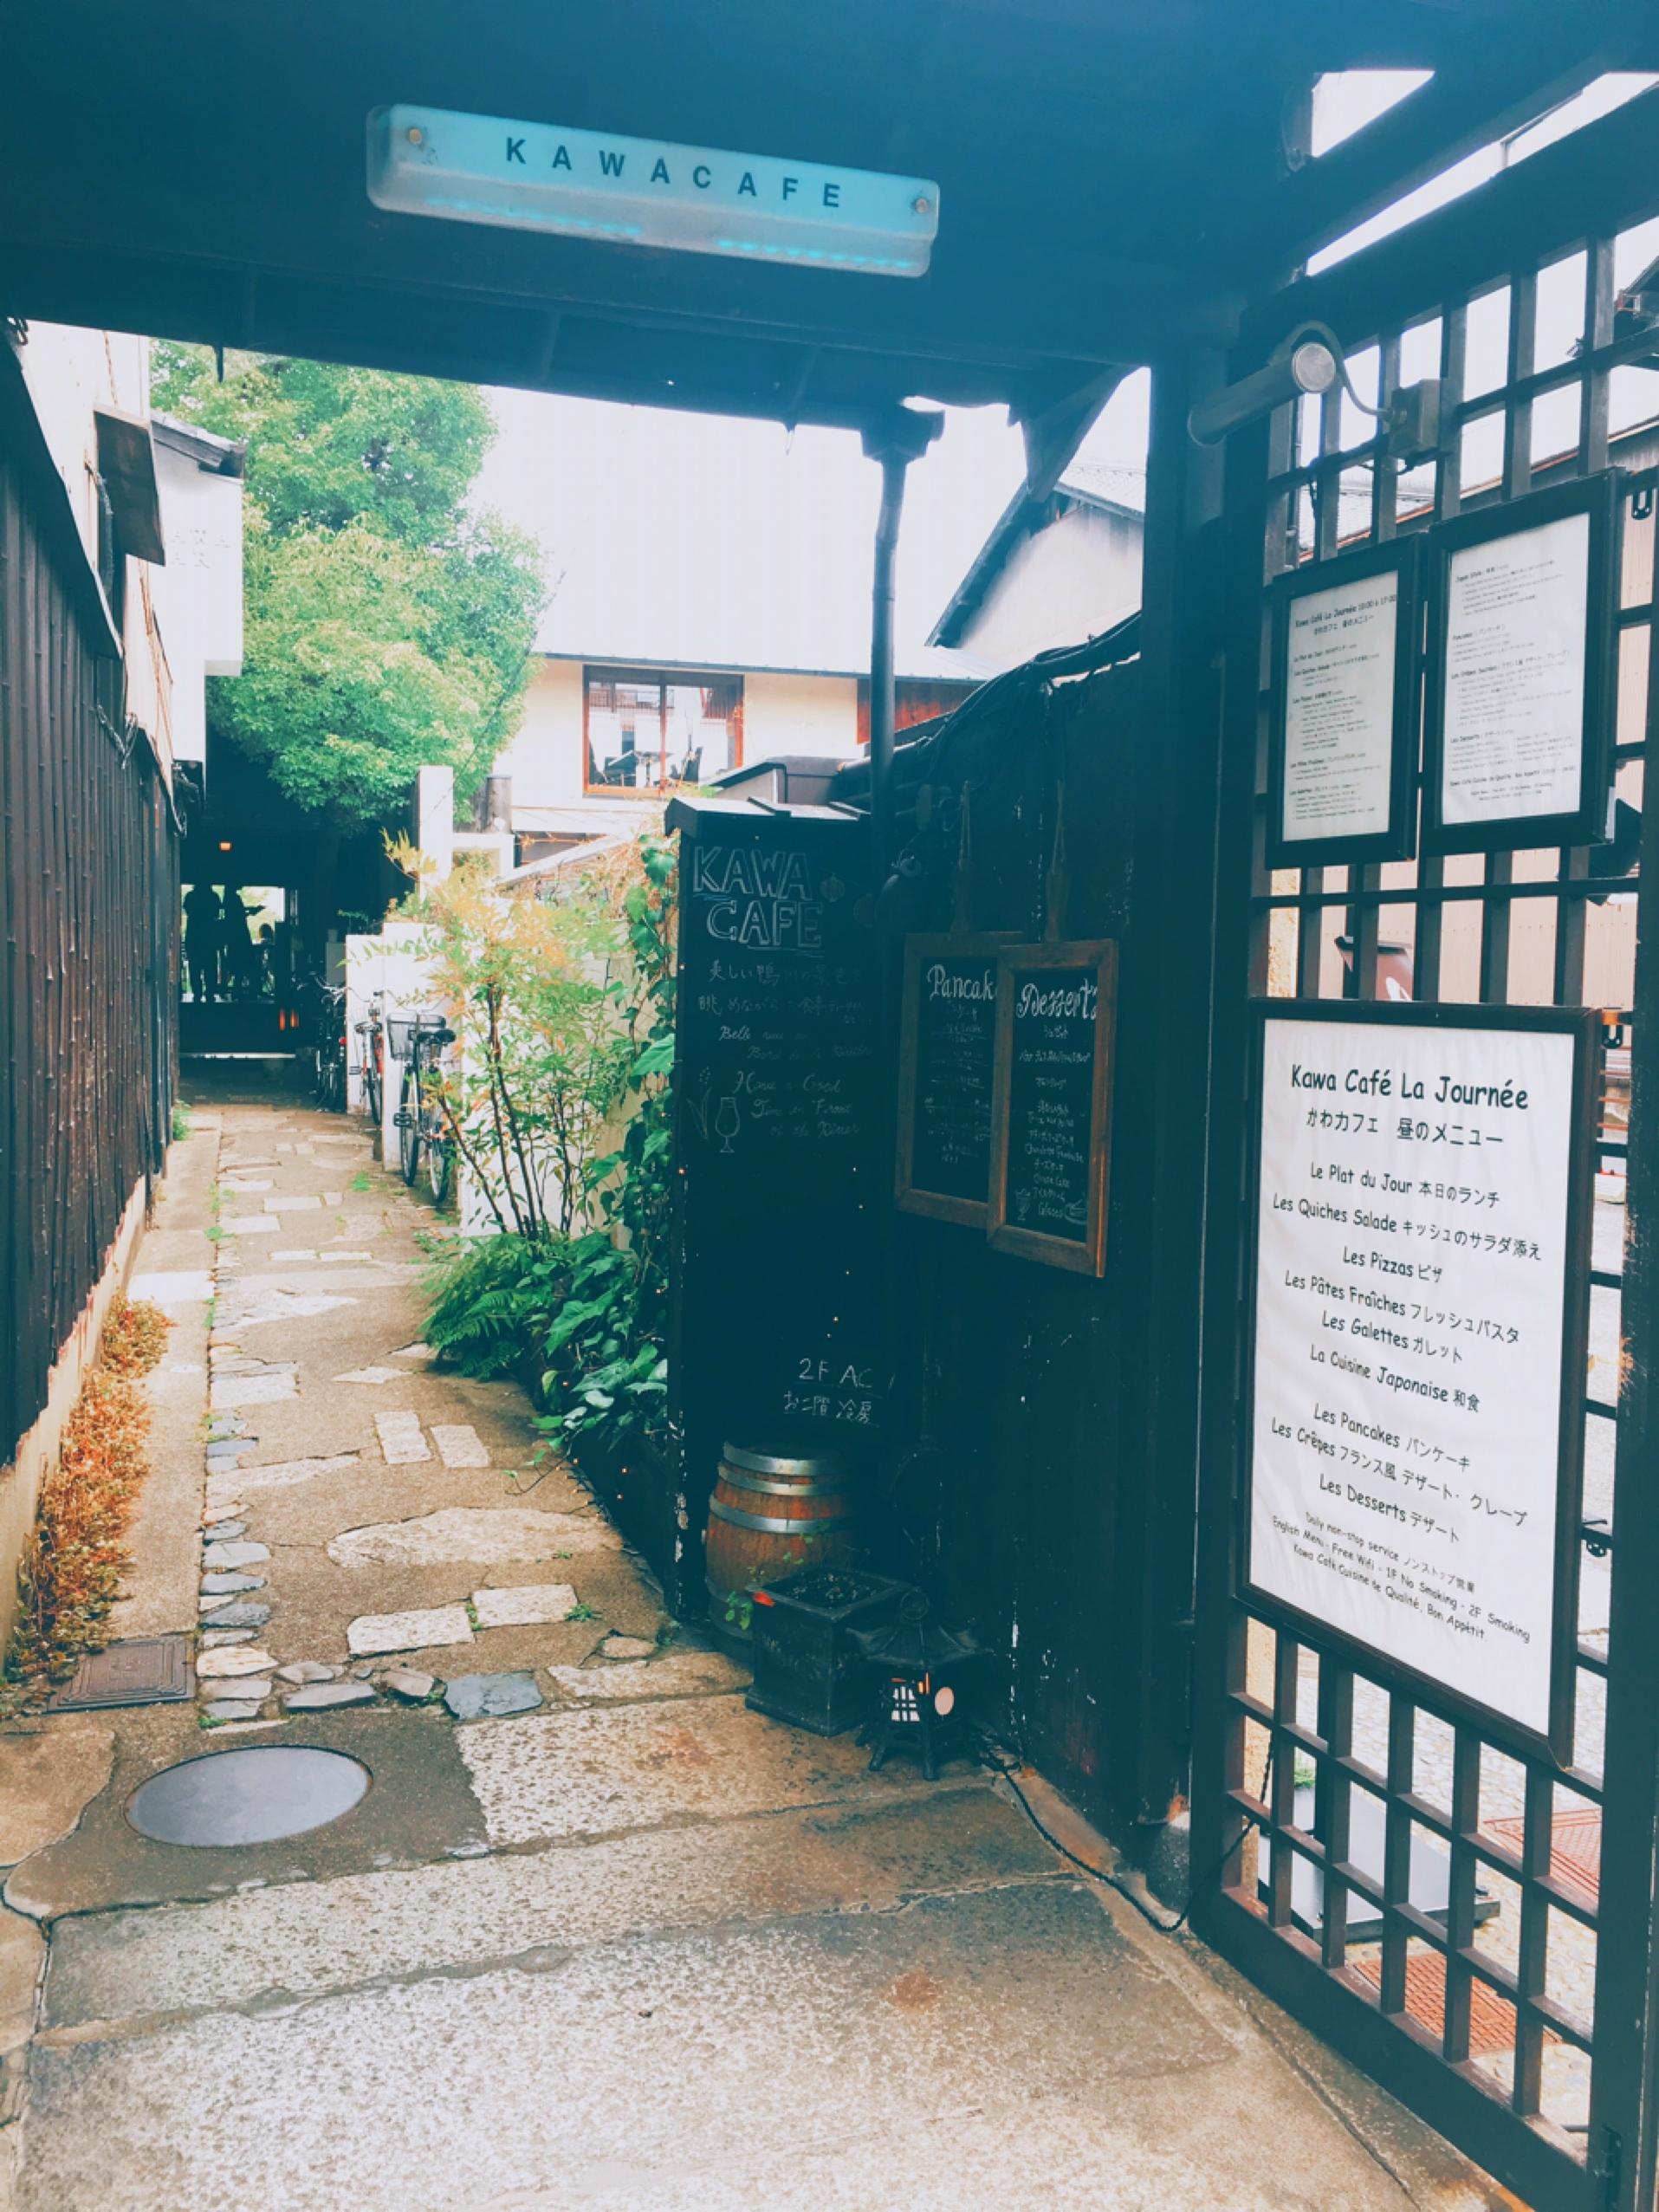 【このKYOTO cafeがアツイ!!】鴨川を見ながらランチ♡ kawacafe に行ってきました❁.*・゚_1_2